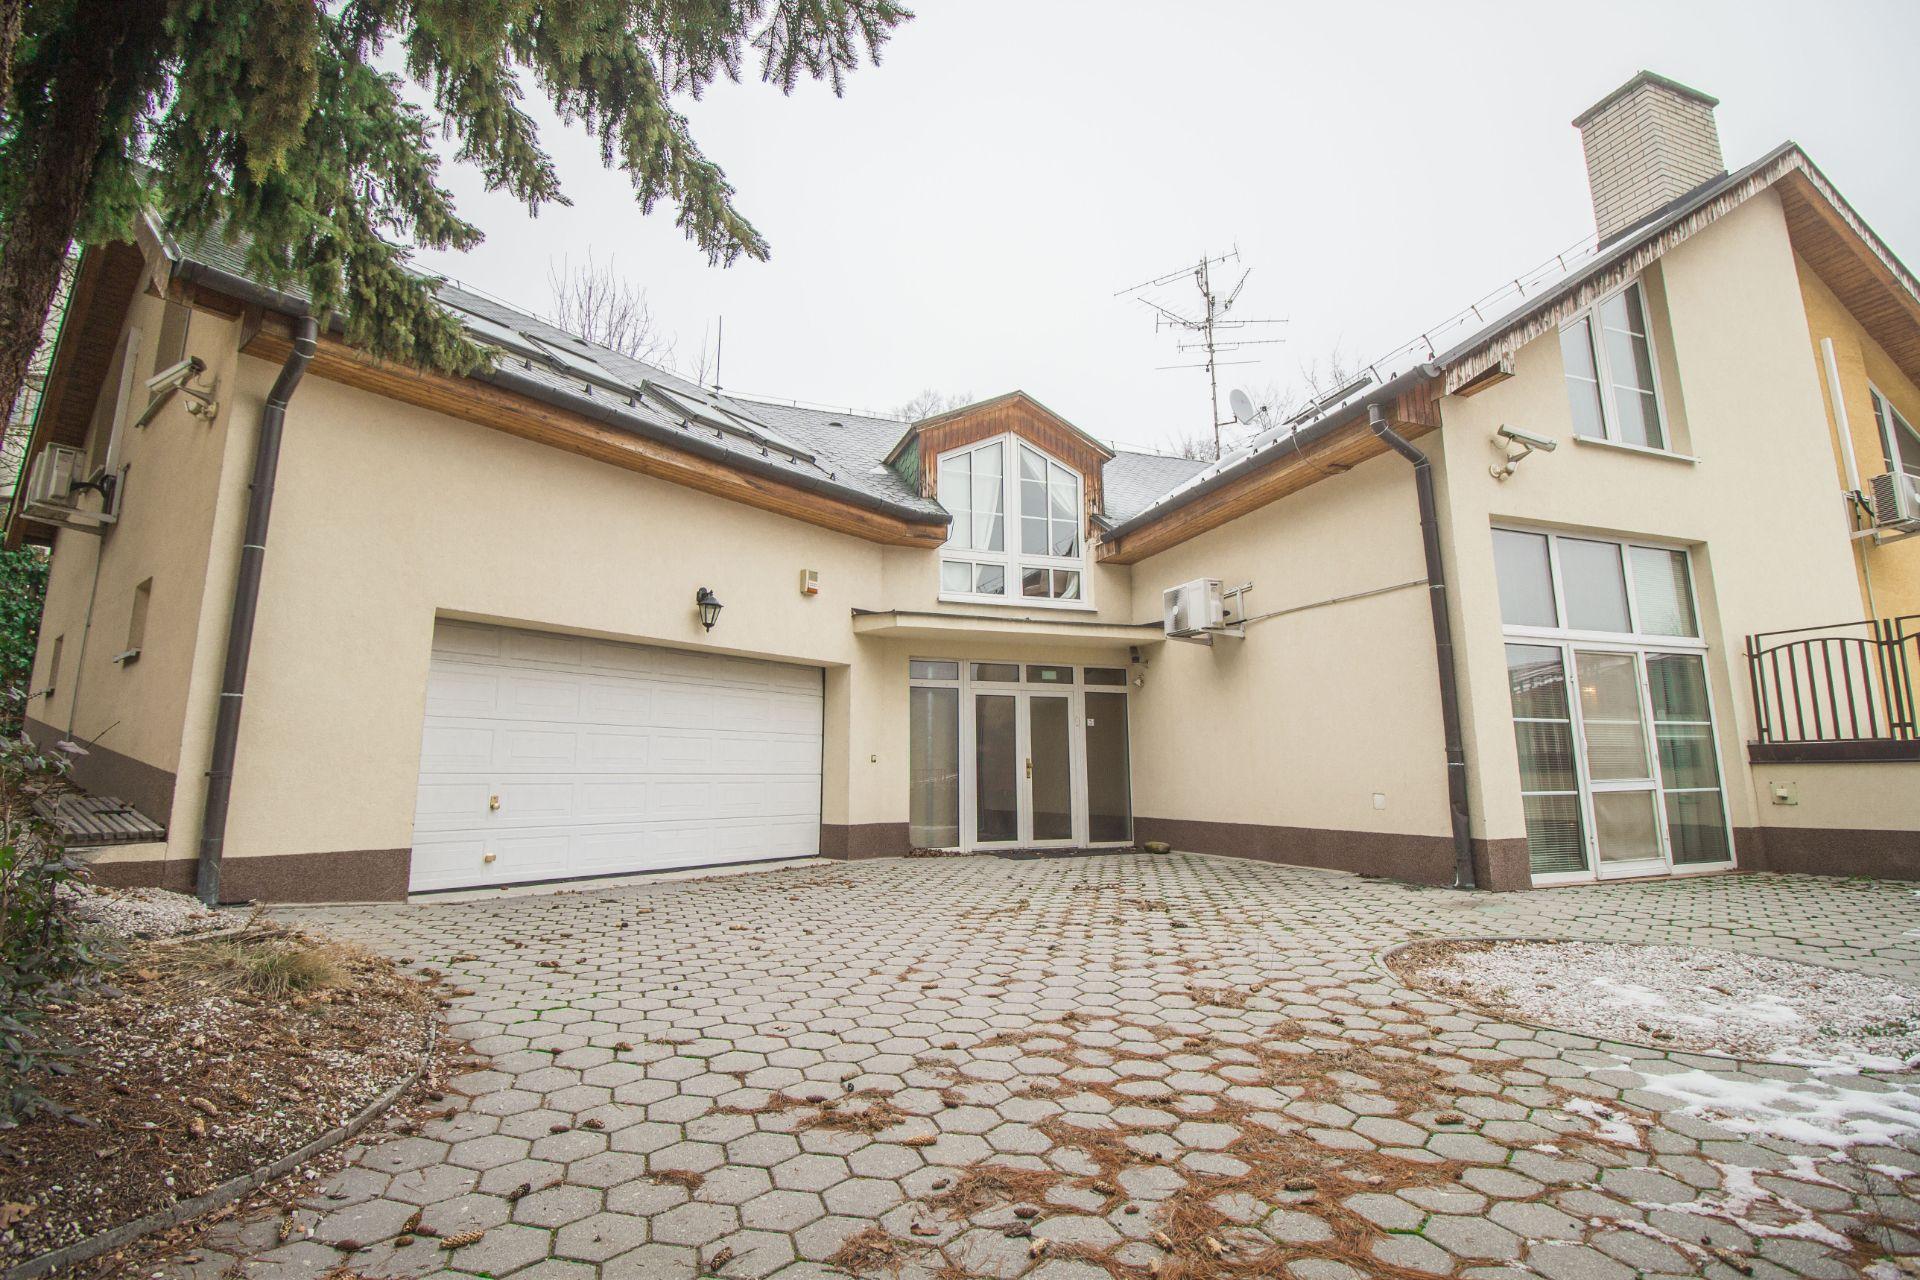 ulica Sološnícka, 841 04 Bratislava